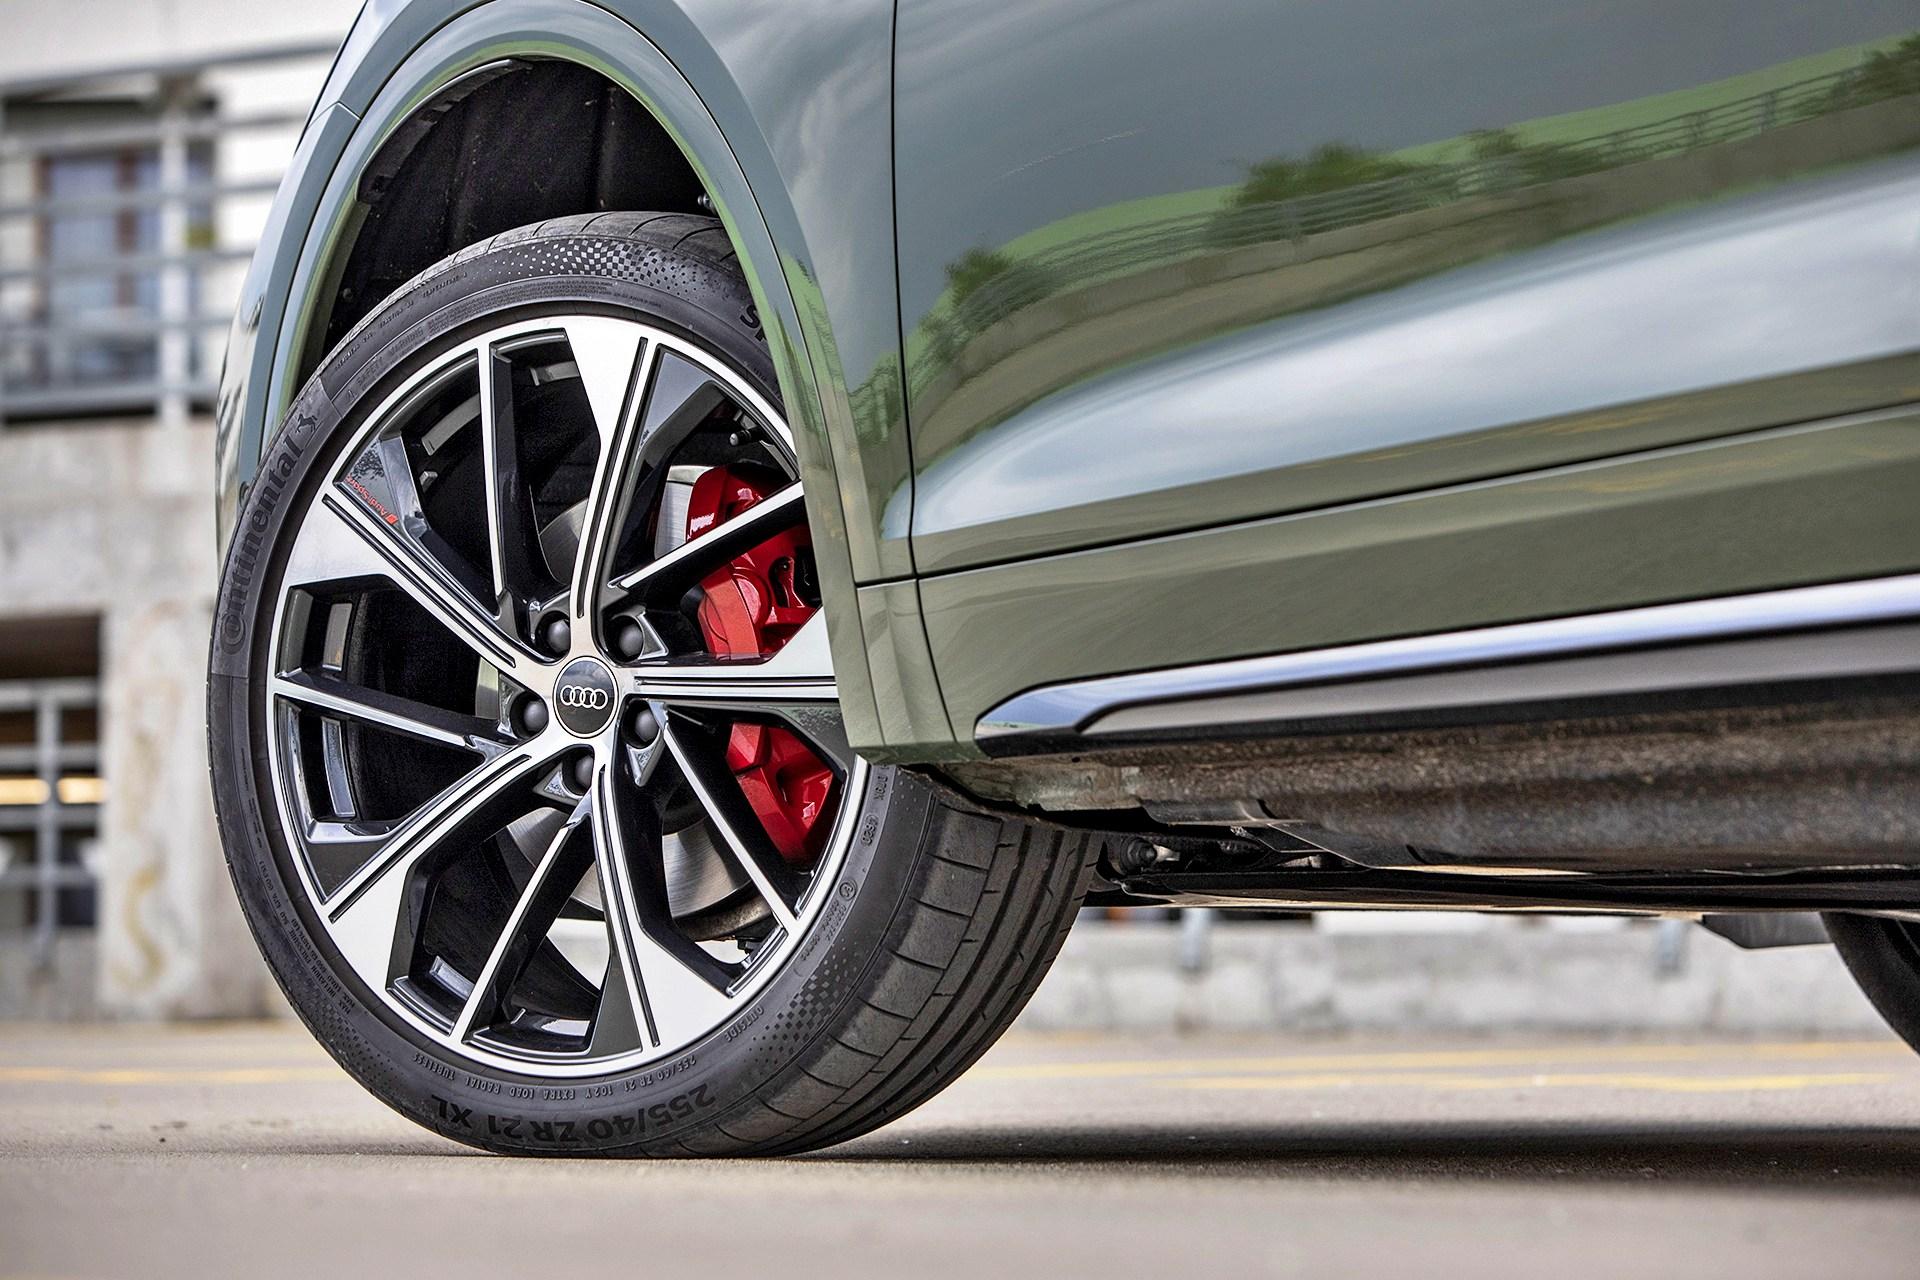 2021 Audi Q5 Sportback - koło